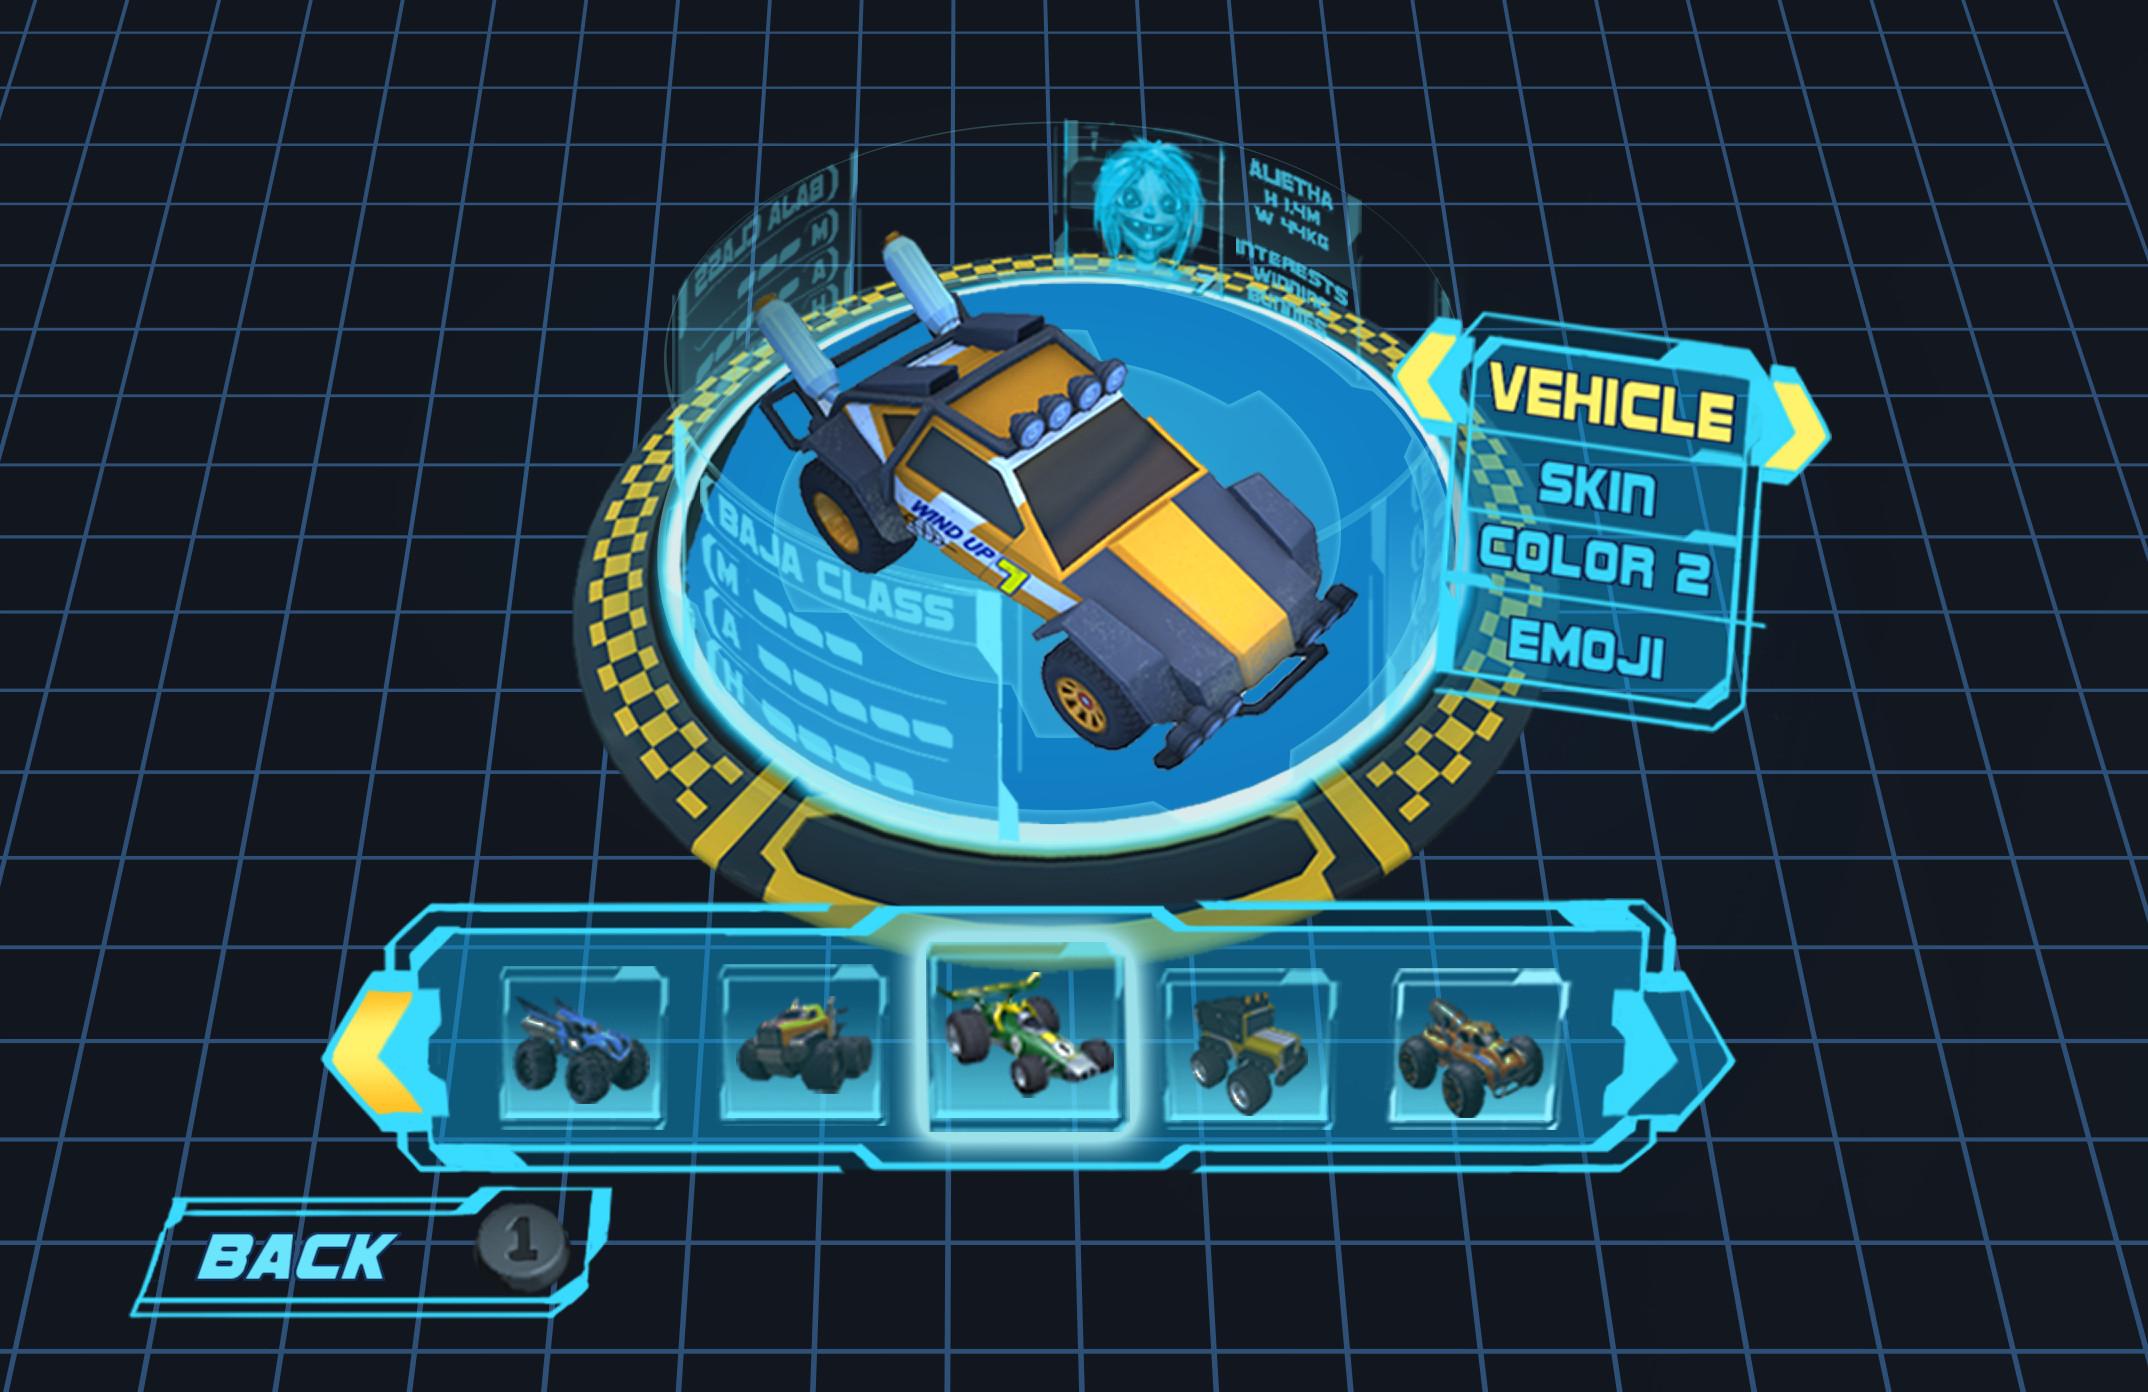 Vehicle Select/Customization